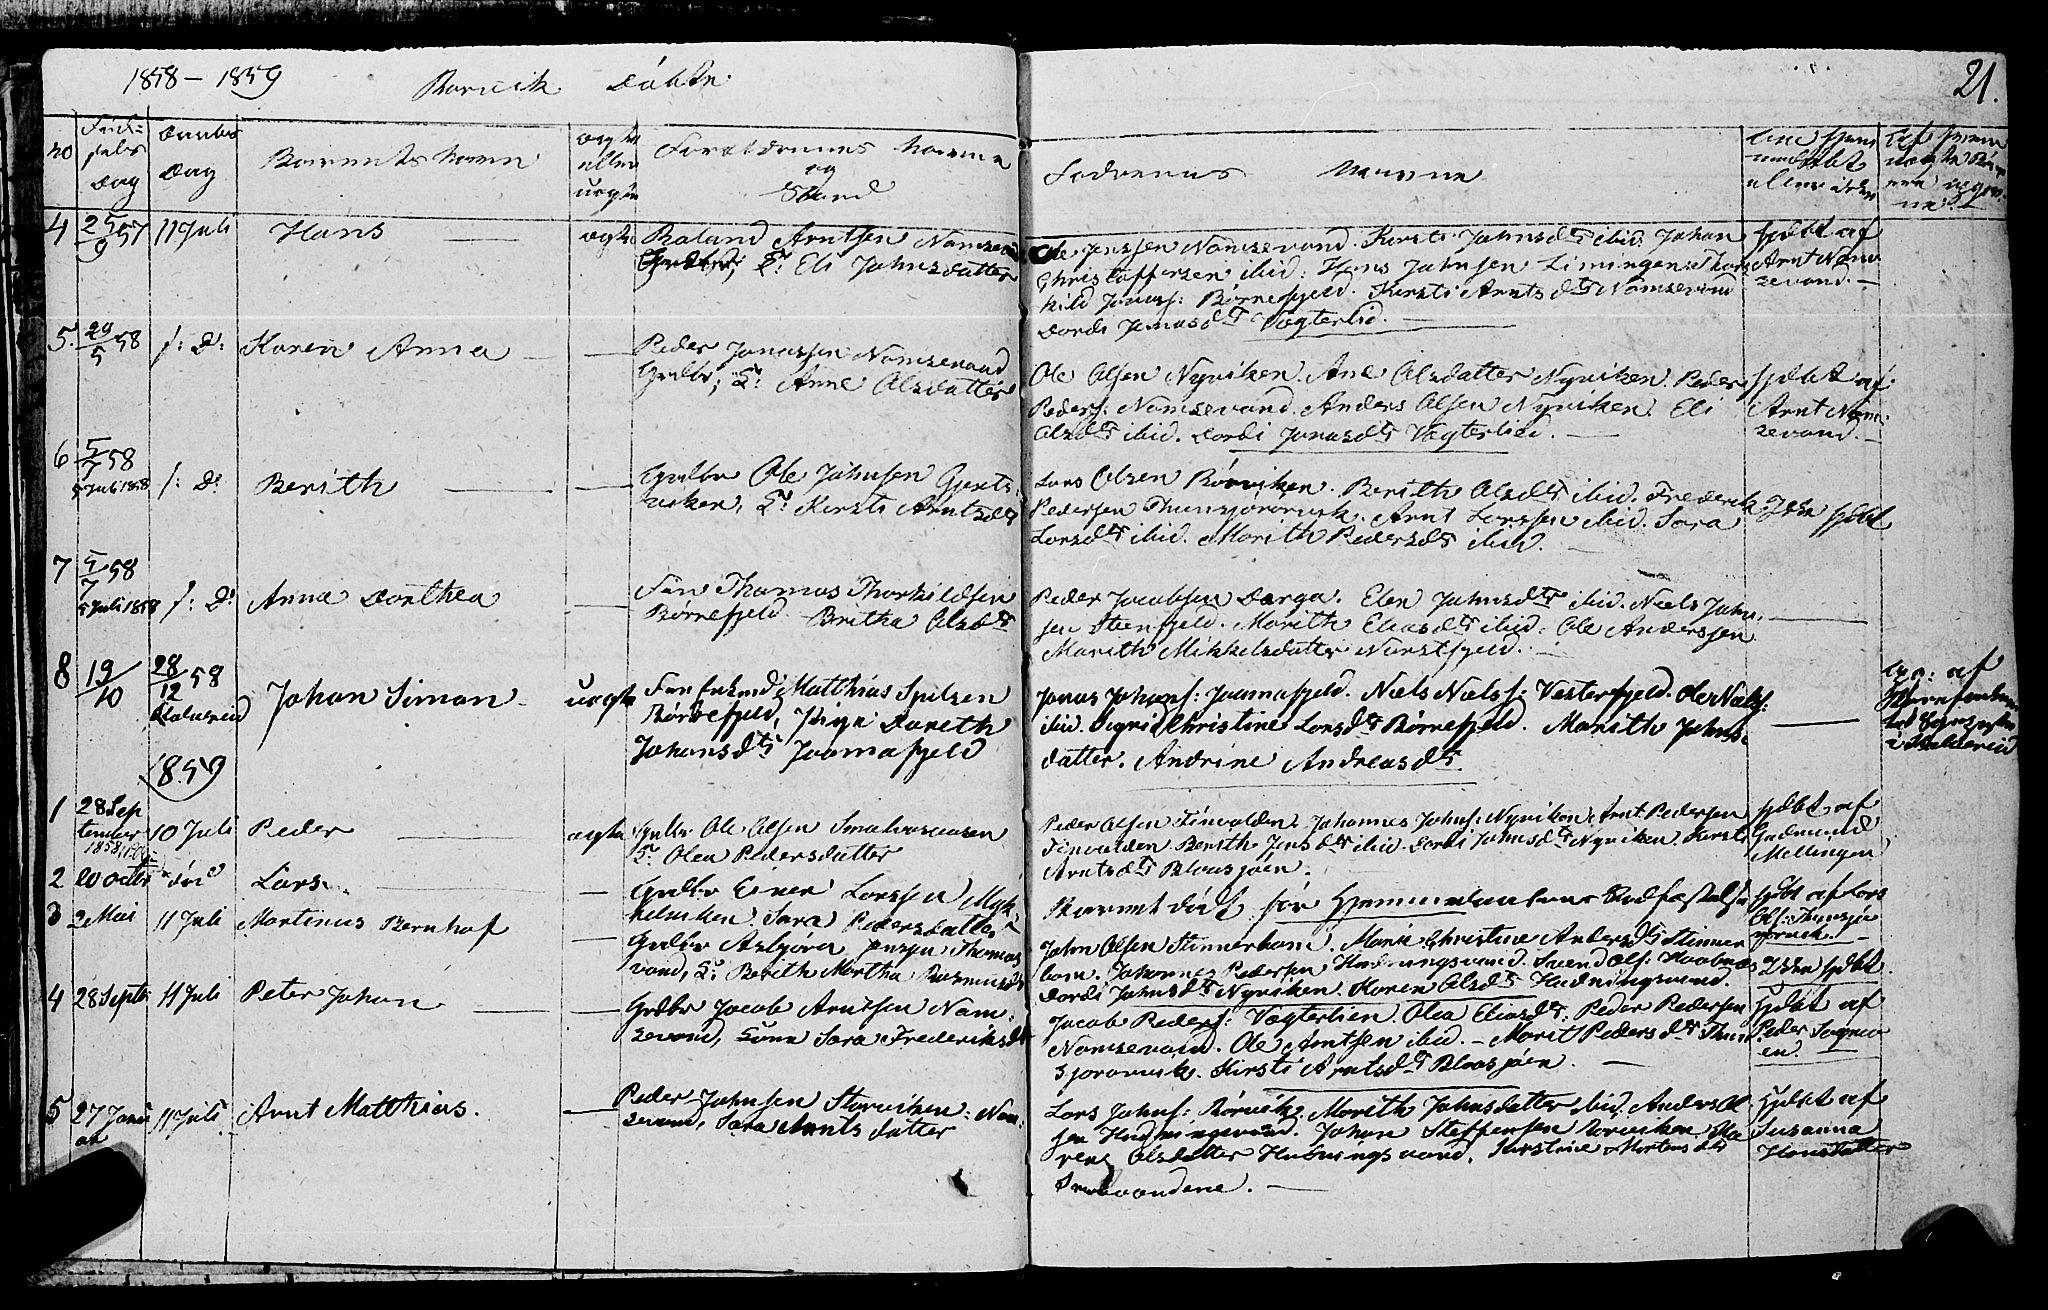 SAT, Ministerialprotokoller, klokkerbøker og fødselsregistre - Nord-Trøndelag, 762/L0538: Ministerialbok nr. 762A02 /1, 1833-1879, s. 21